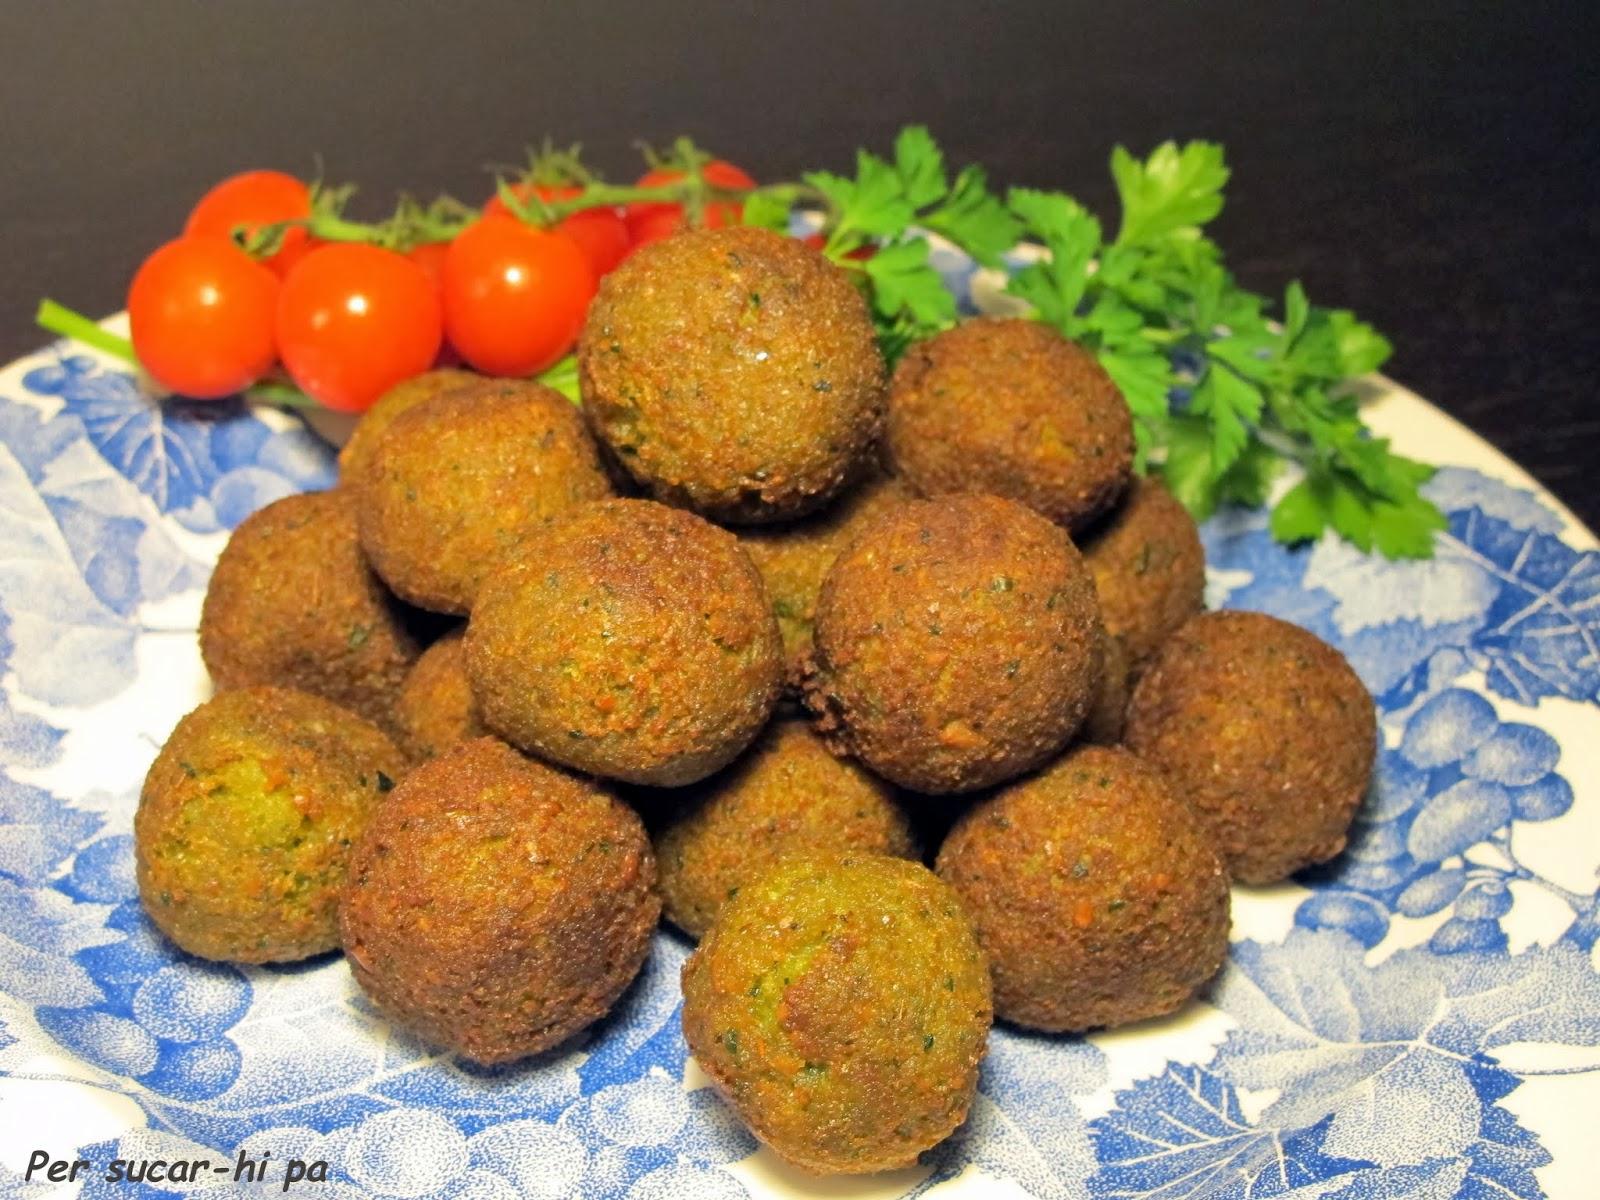 http://persucar-hipa.blogspot.com.es/2014/01/falafel.html